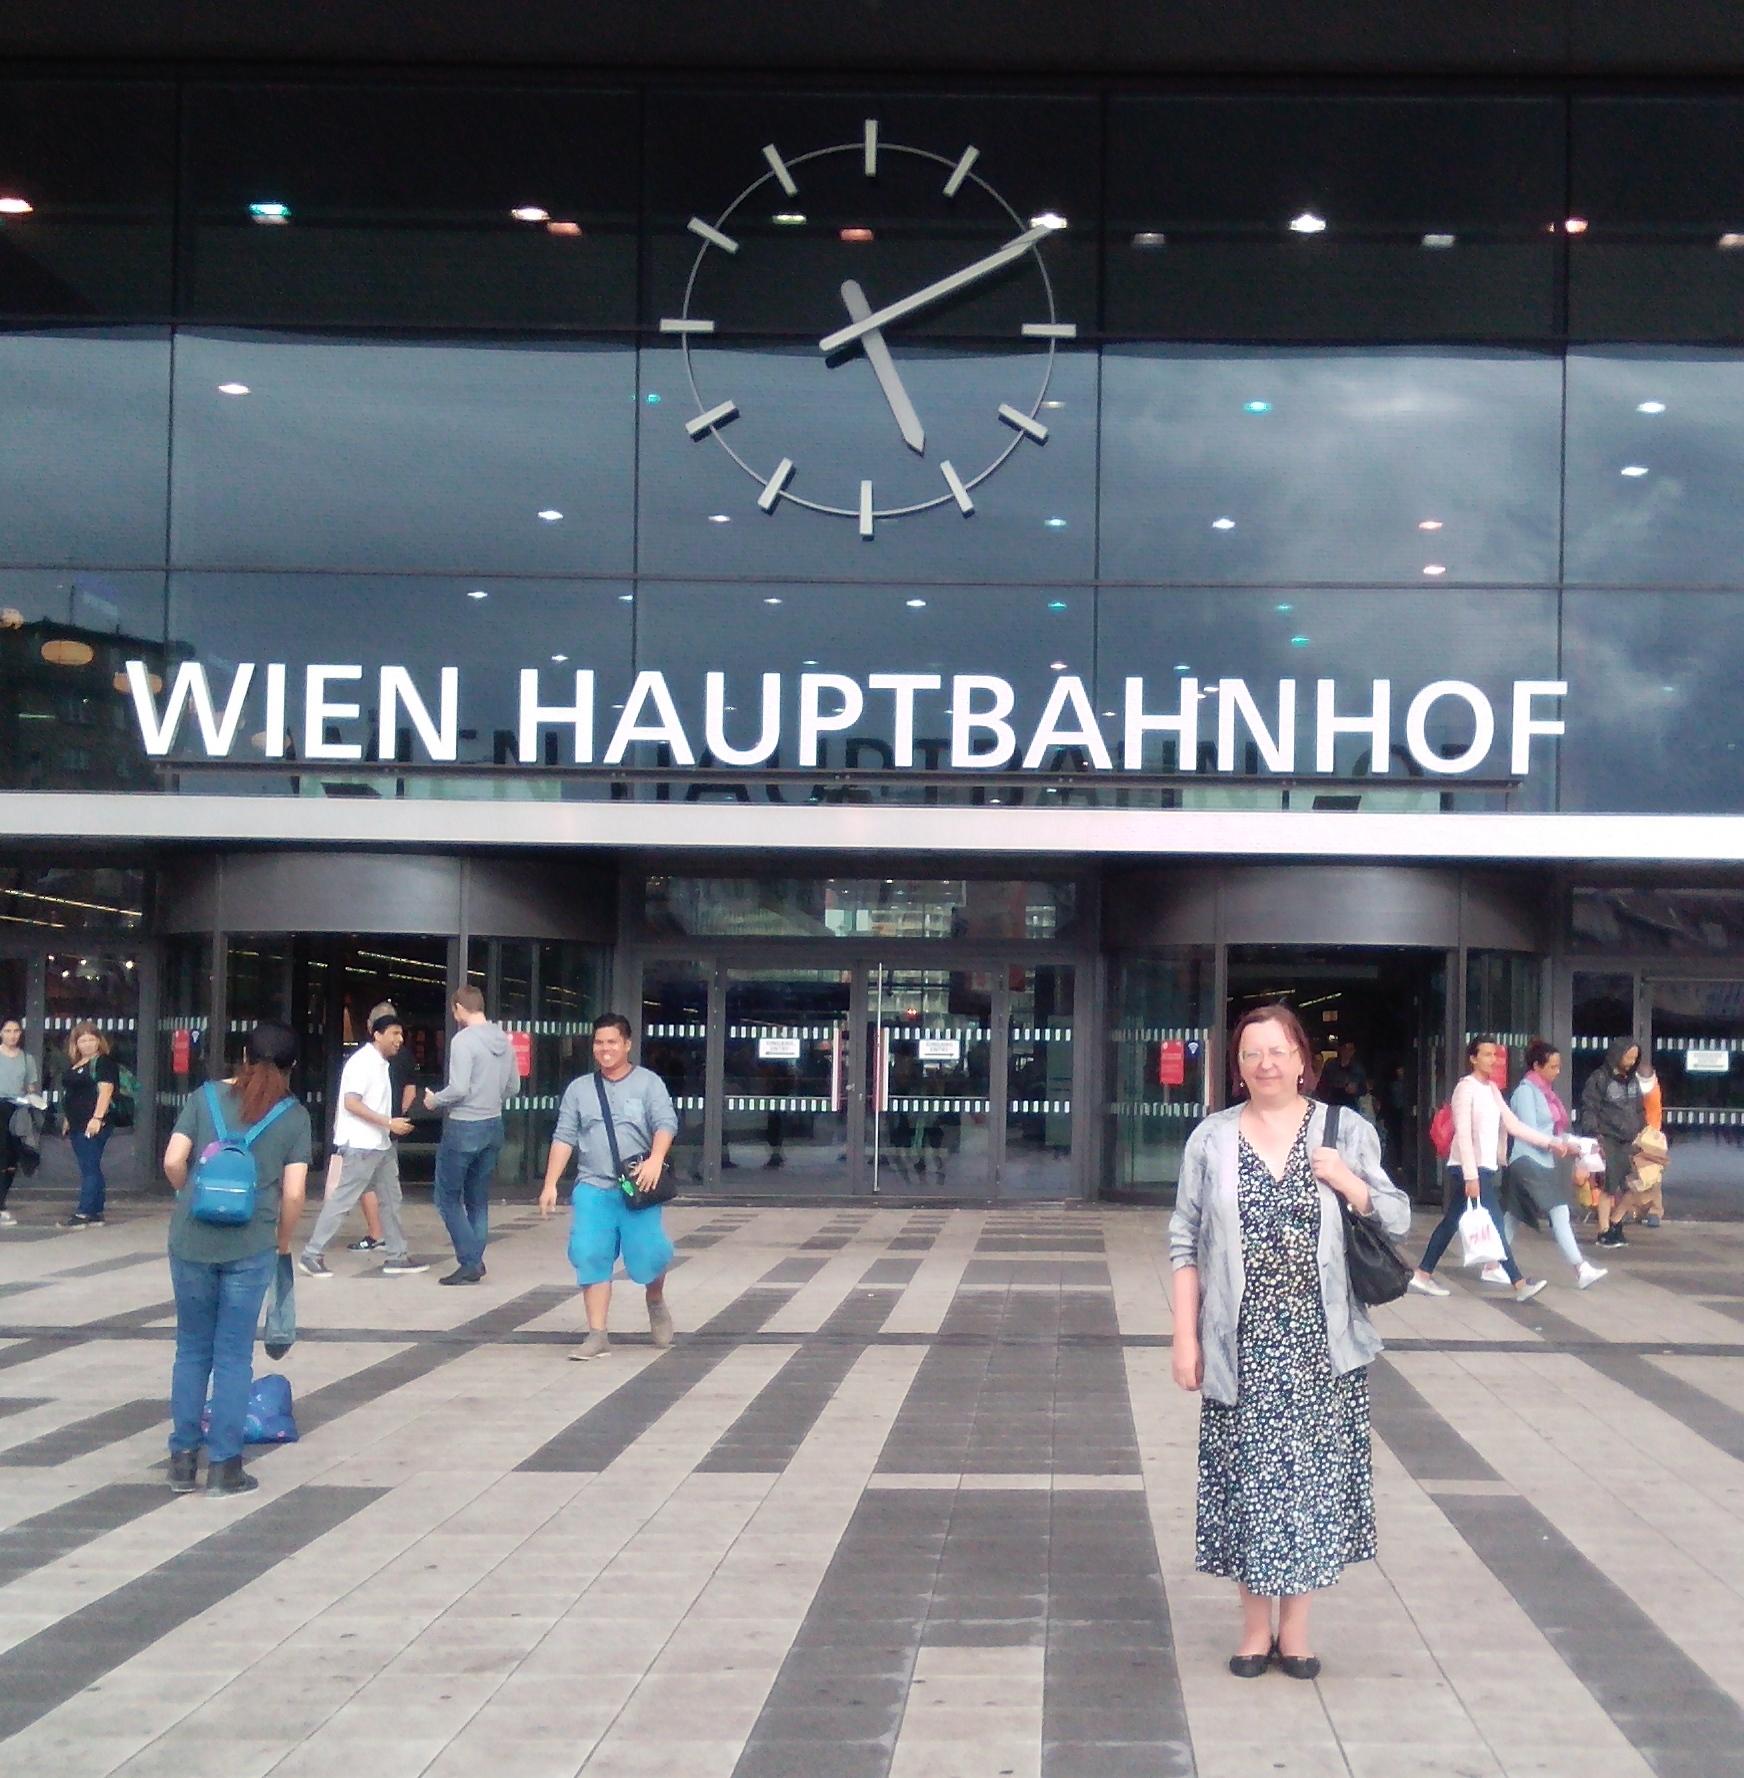 У центрального вокзала Wien Hauptbahnhof